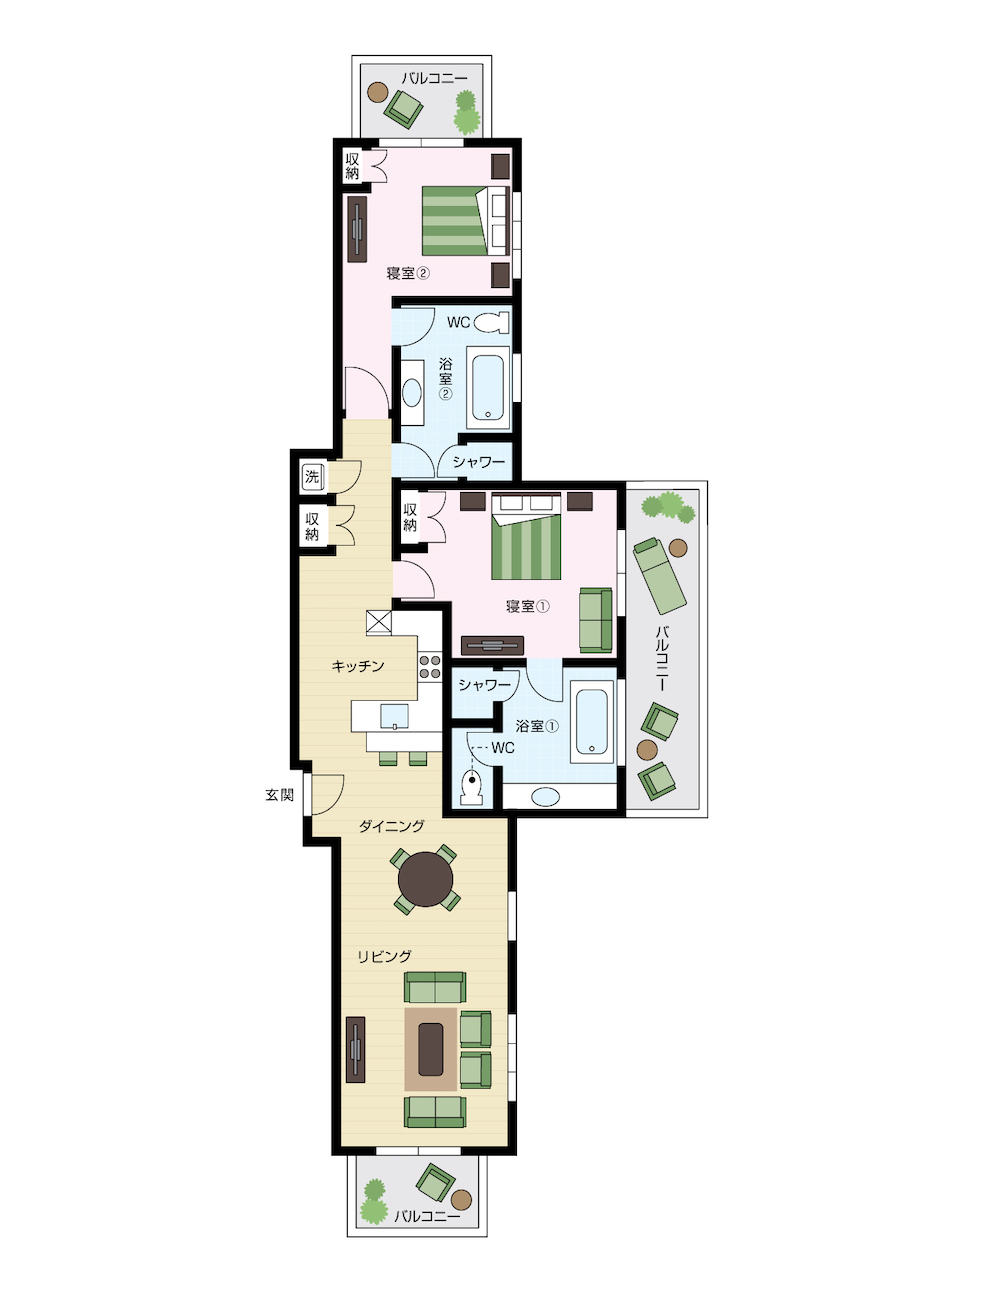 ワイキキアンのペントハウス、レイアウト 11号室の間取り図